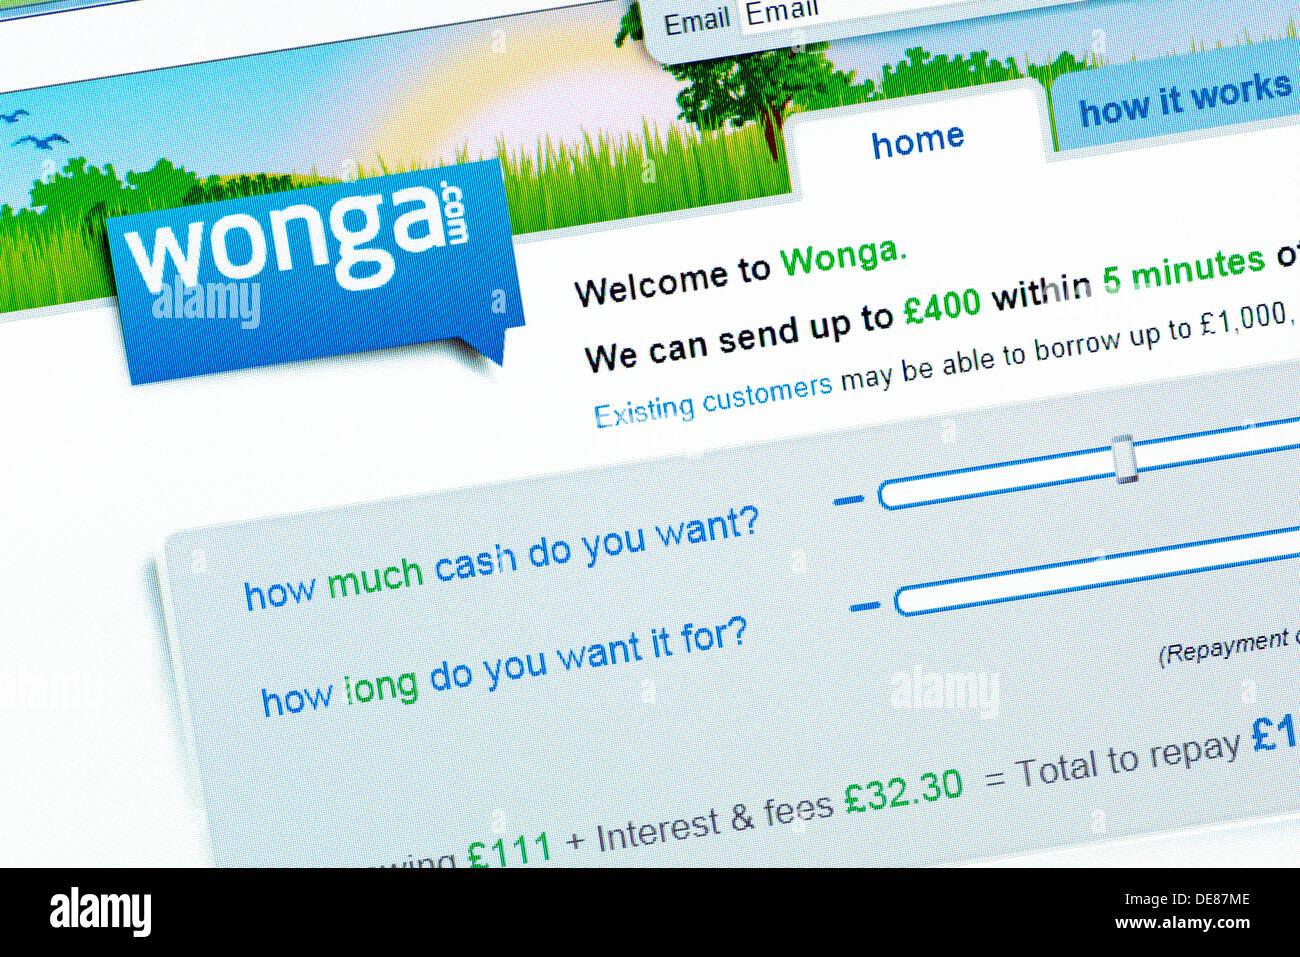 Wonga.com. Sitio web de la compañía de préstamo del día de pago. Wonga.com ofrecen altos intereses de crédito a corto plazo para los consumidores y las empresas. Imagen De Stock